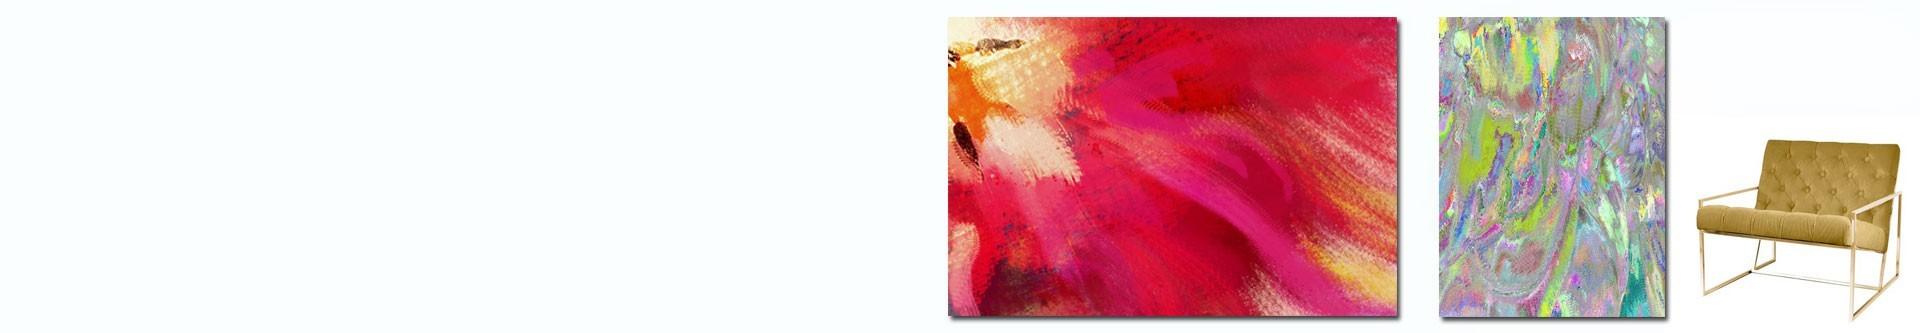 Grafiki obrazy drukowane do wnętrz w stylu modern • grafikiobrazy.pl